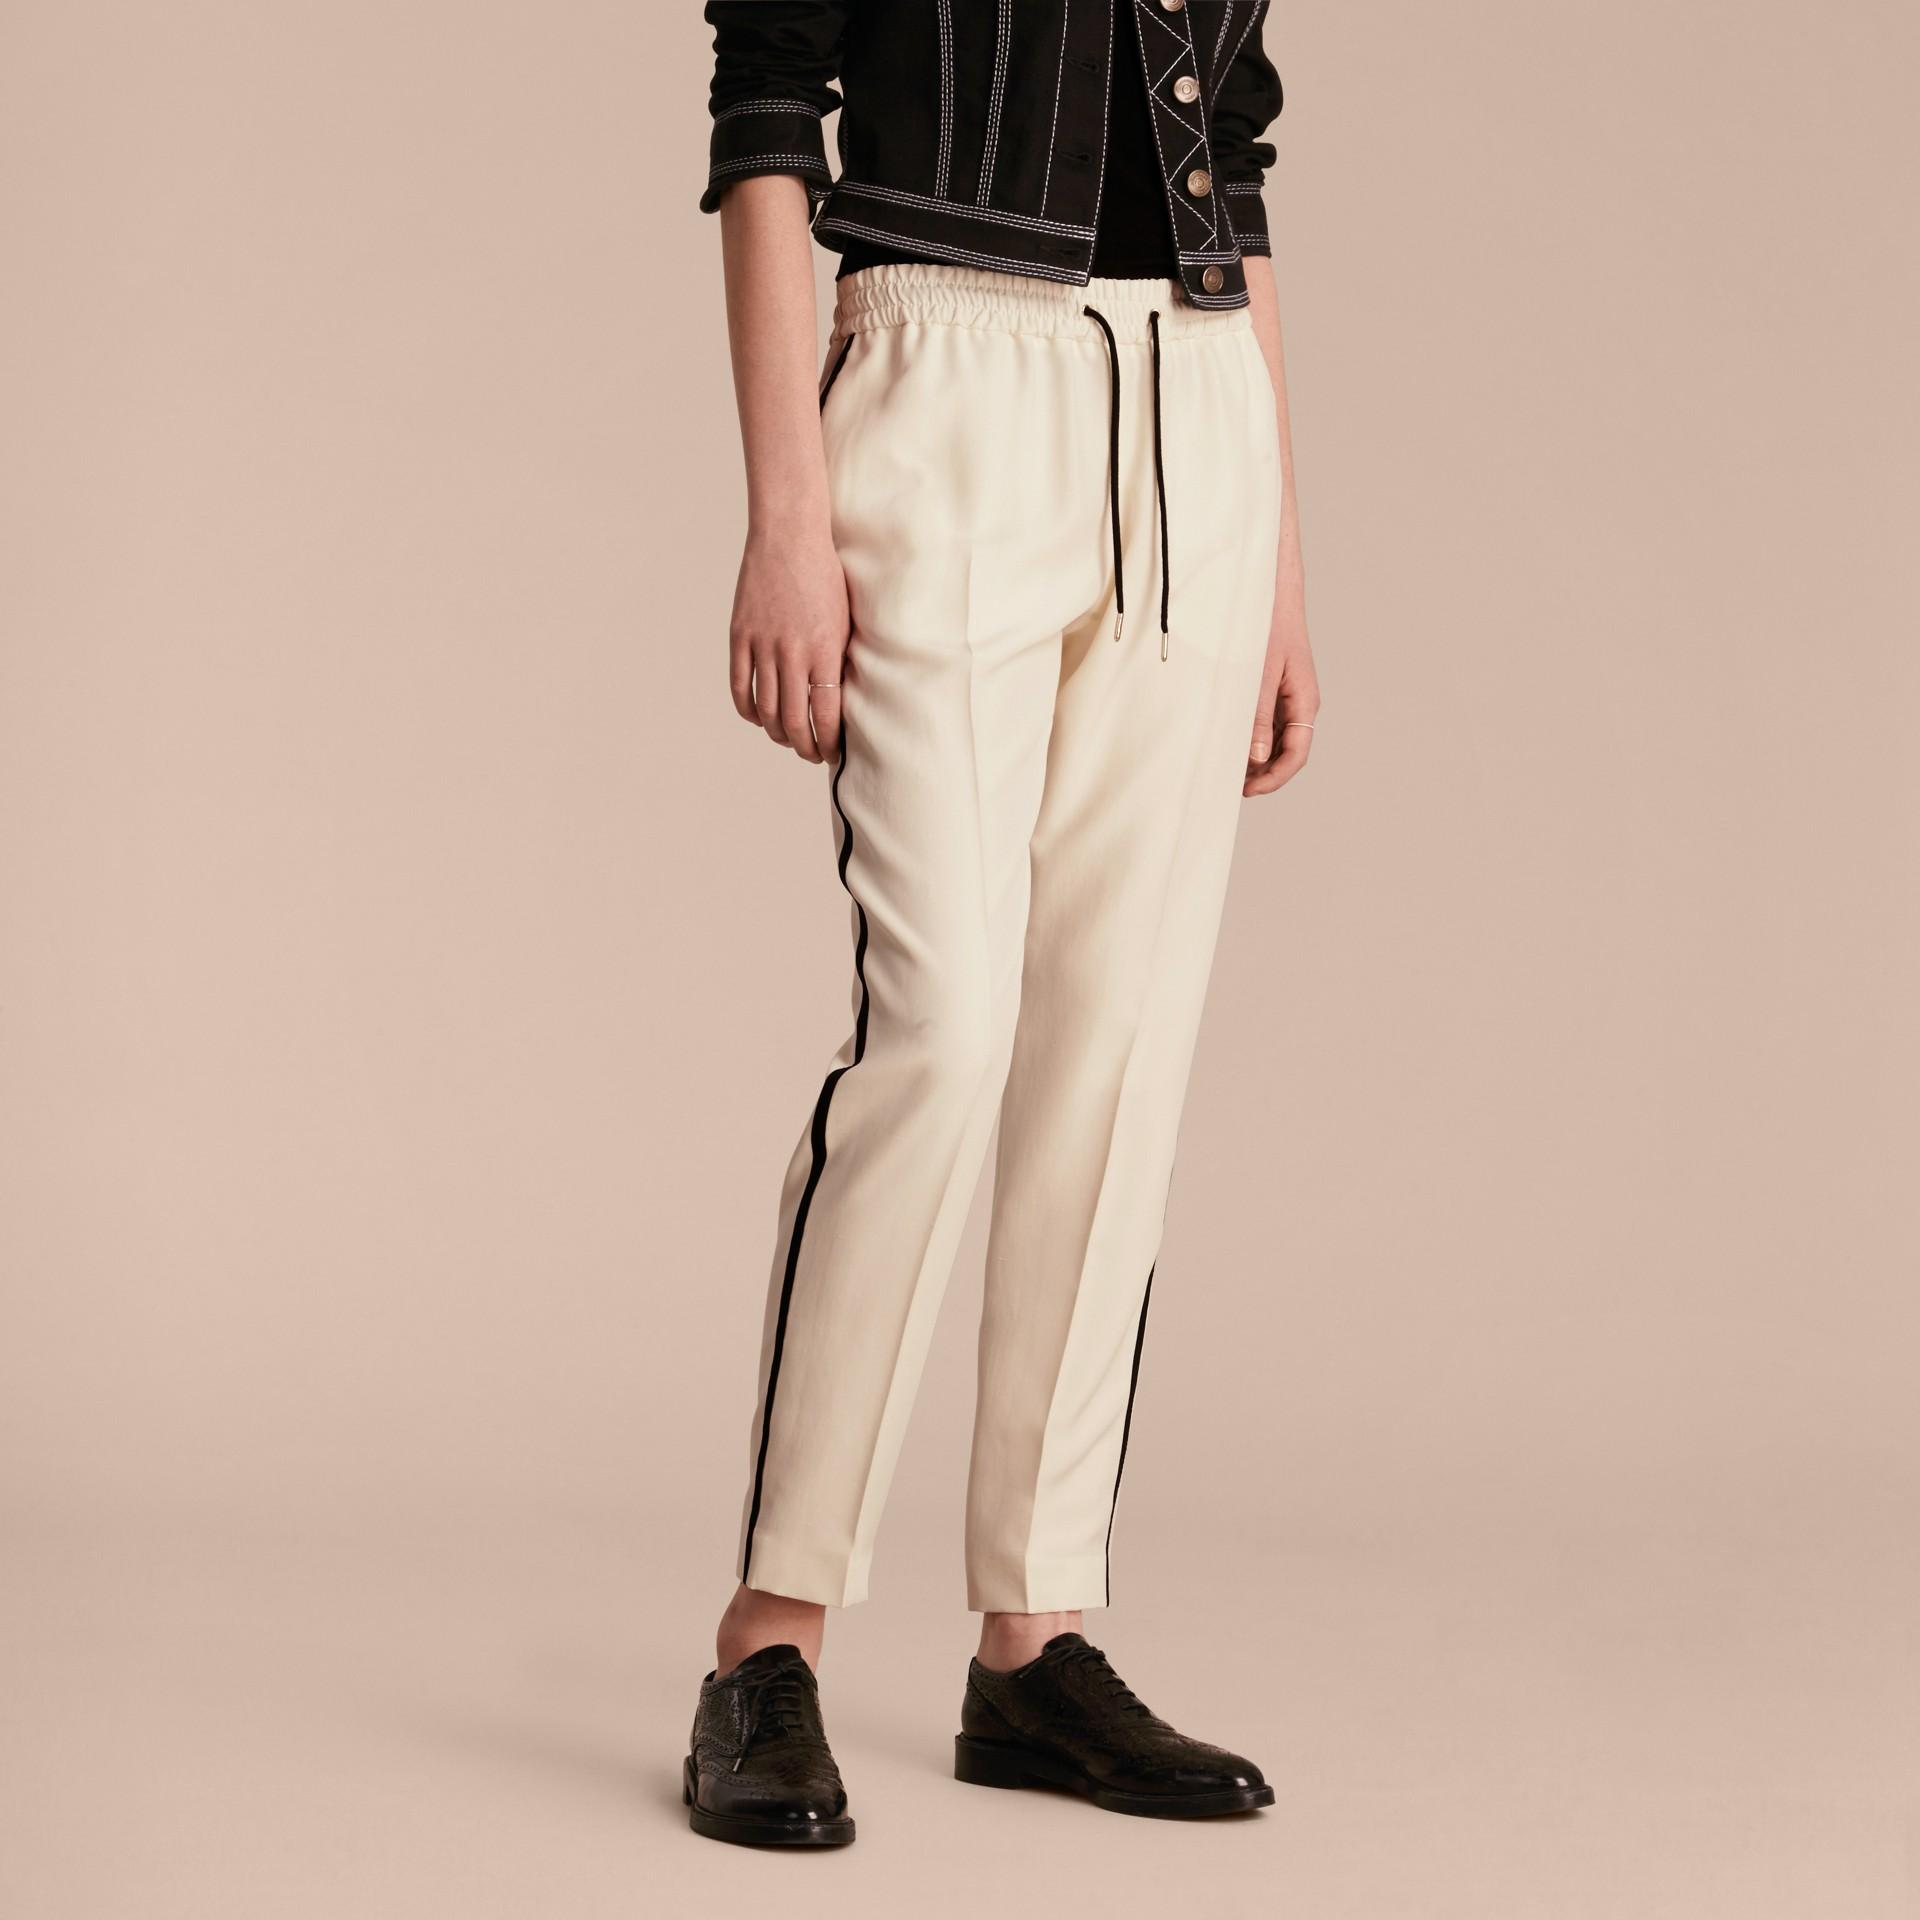 Parchemin Pantalon de survêtement ajusté en soie - photo de la galerie 6